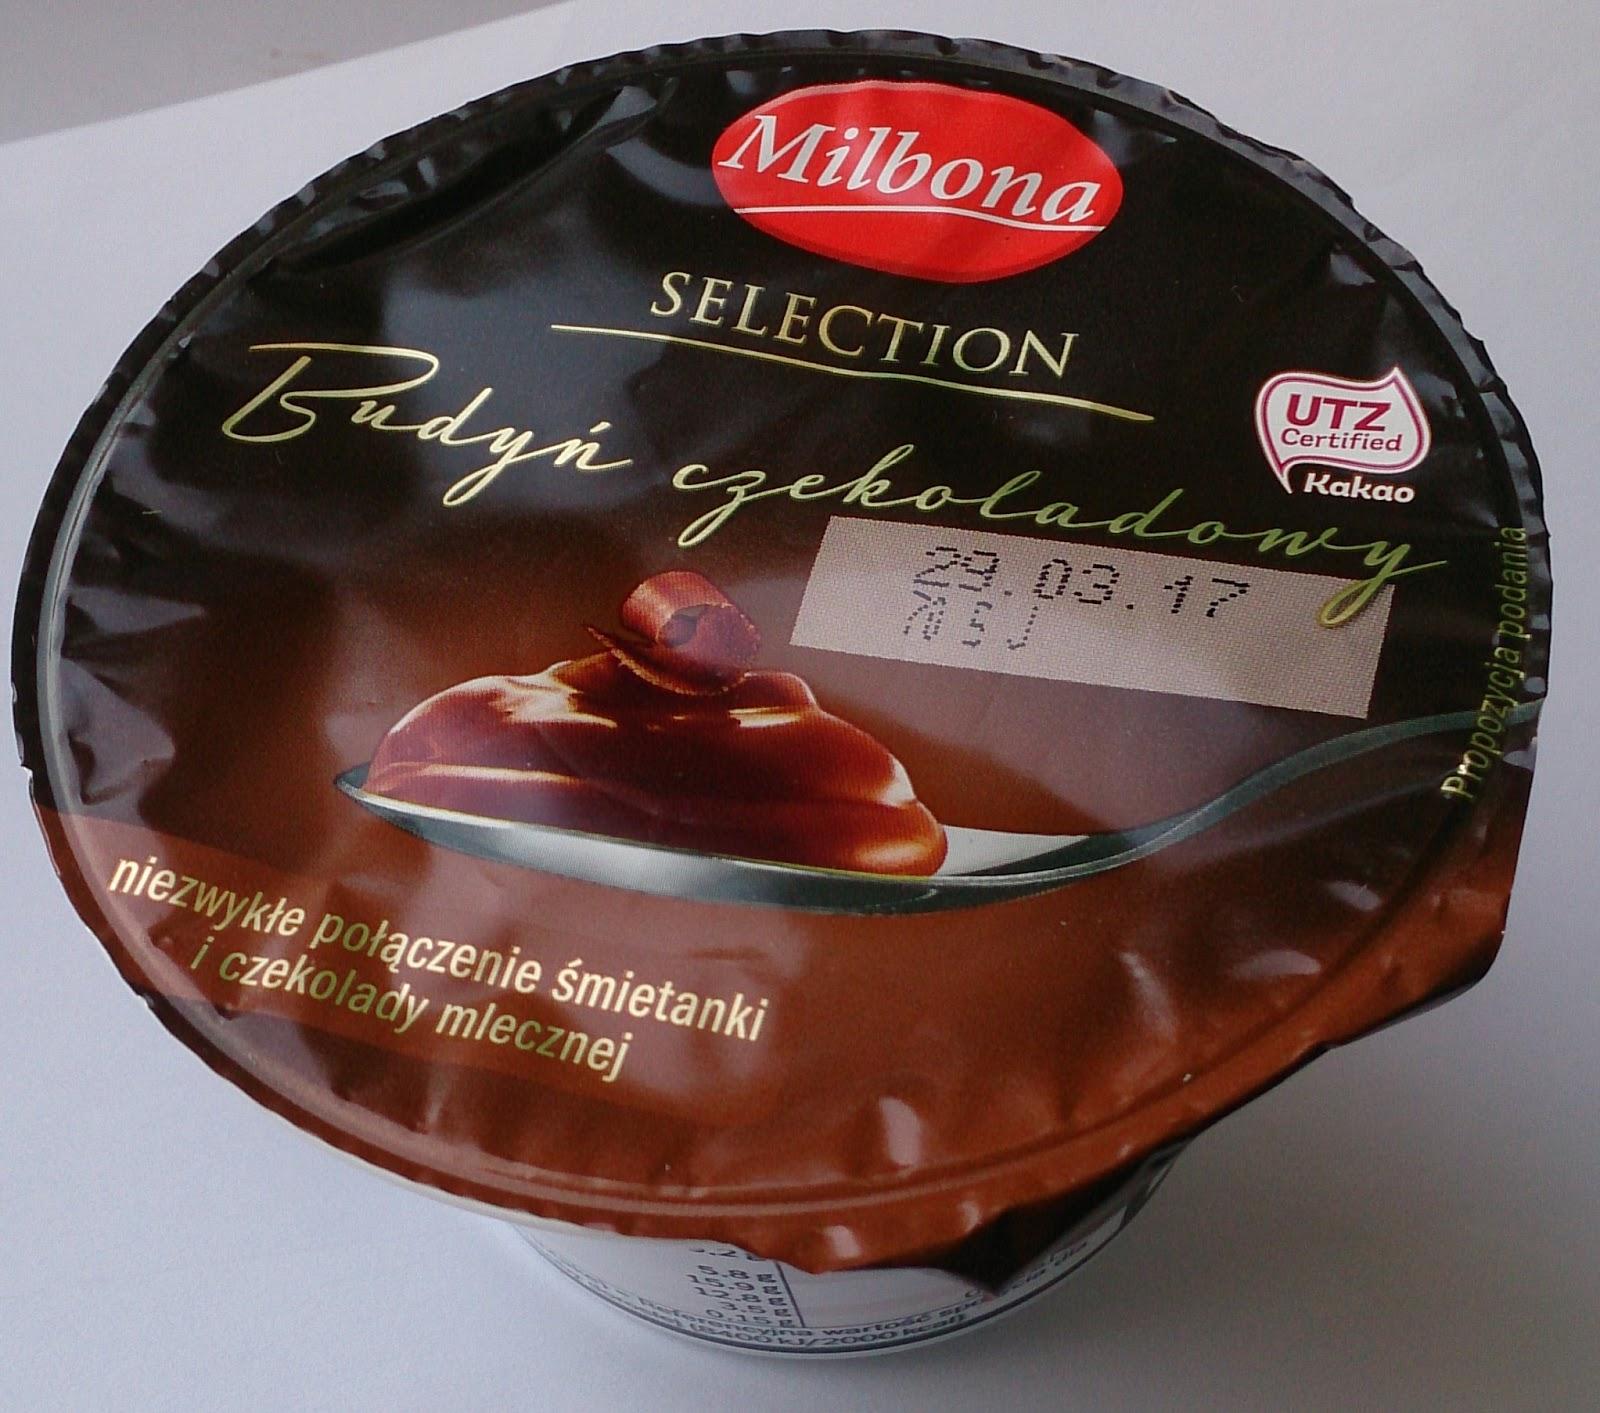 Milbona Selection Budyń czekoladowy | Kulinaria | zBLOGowani